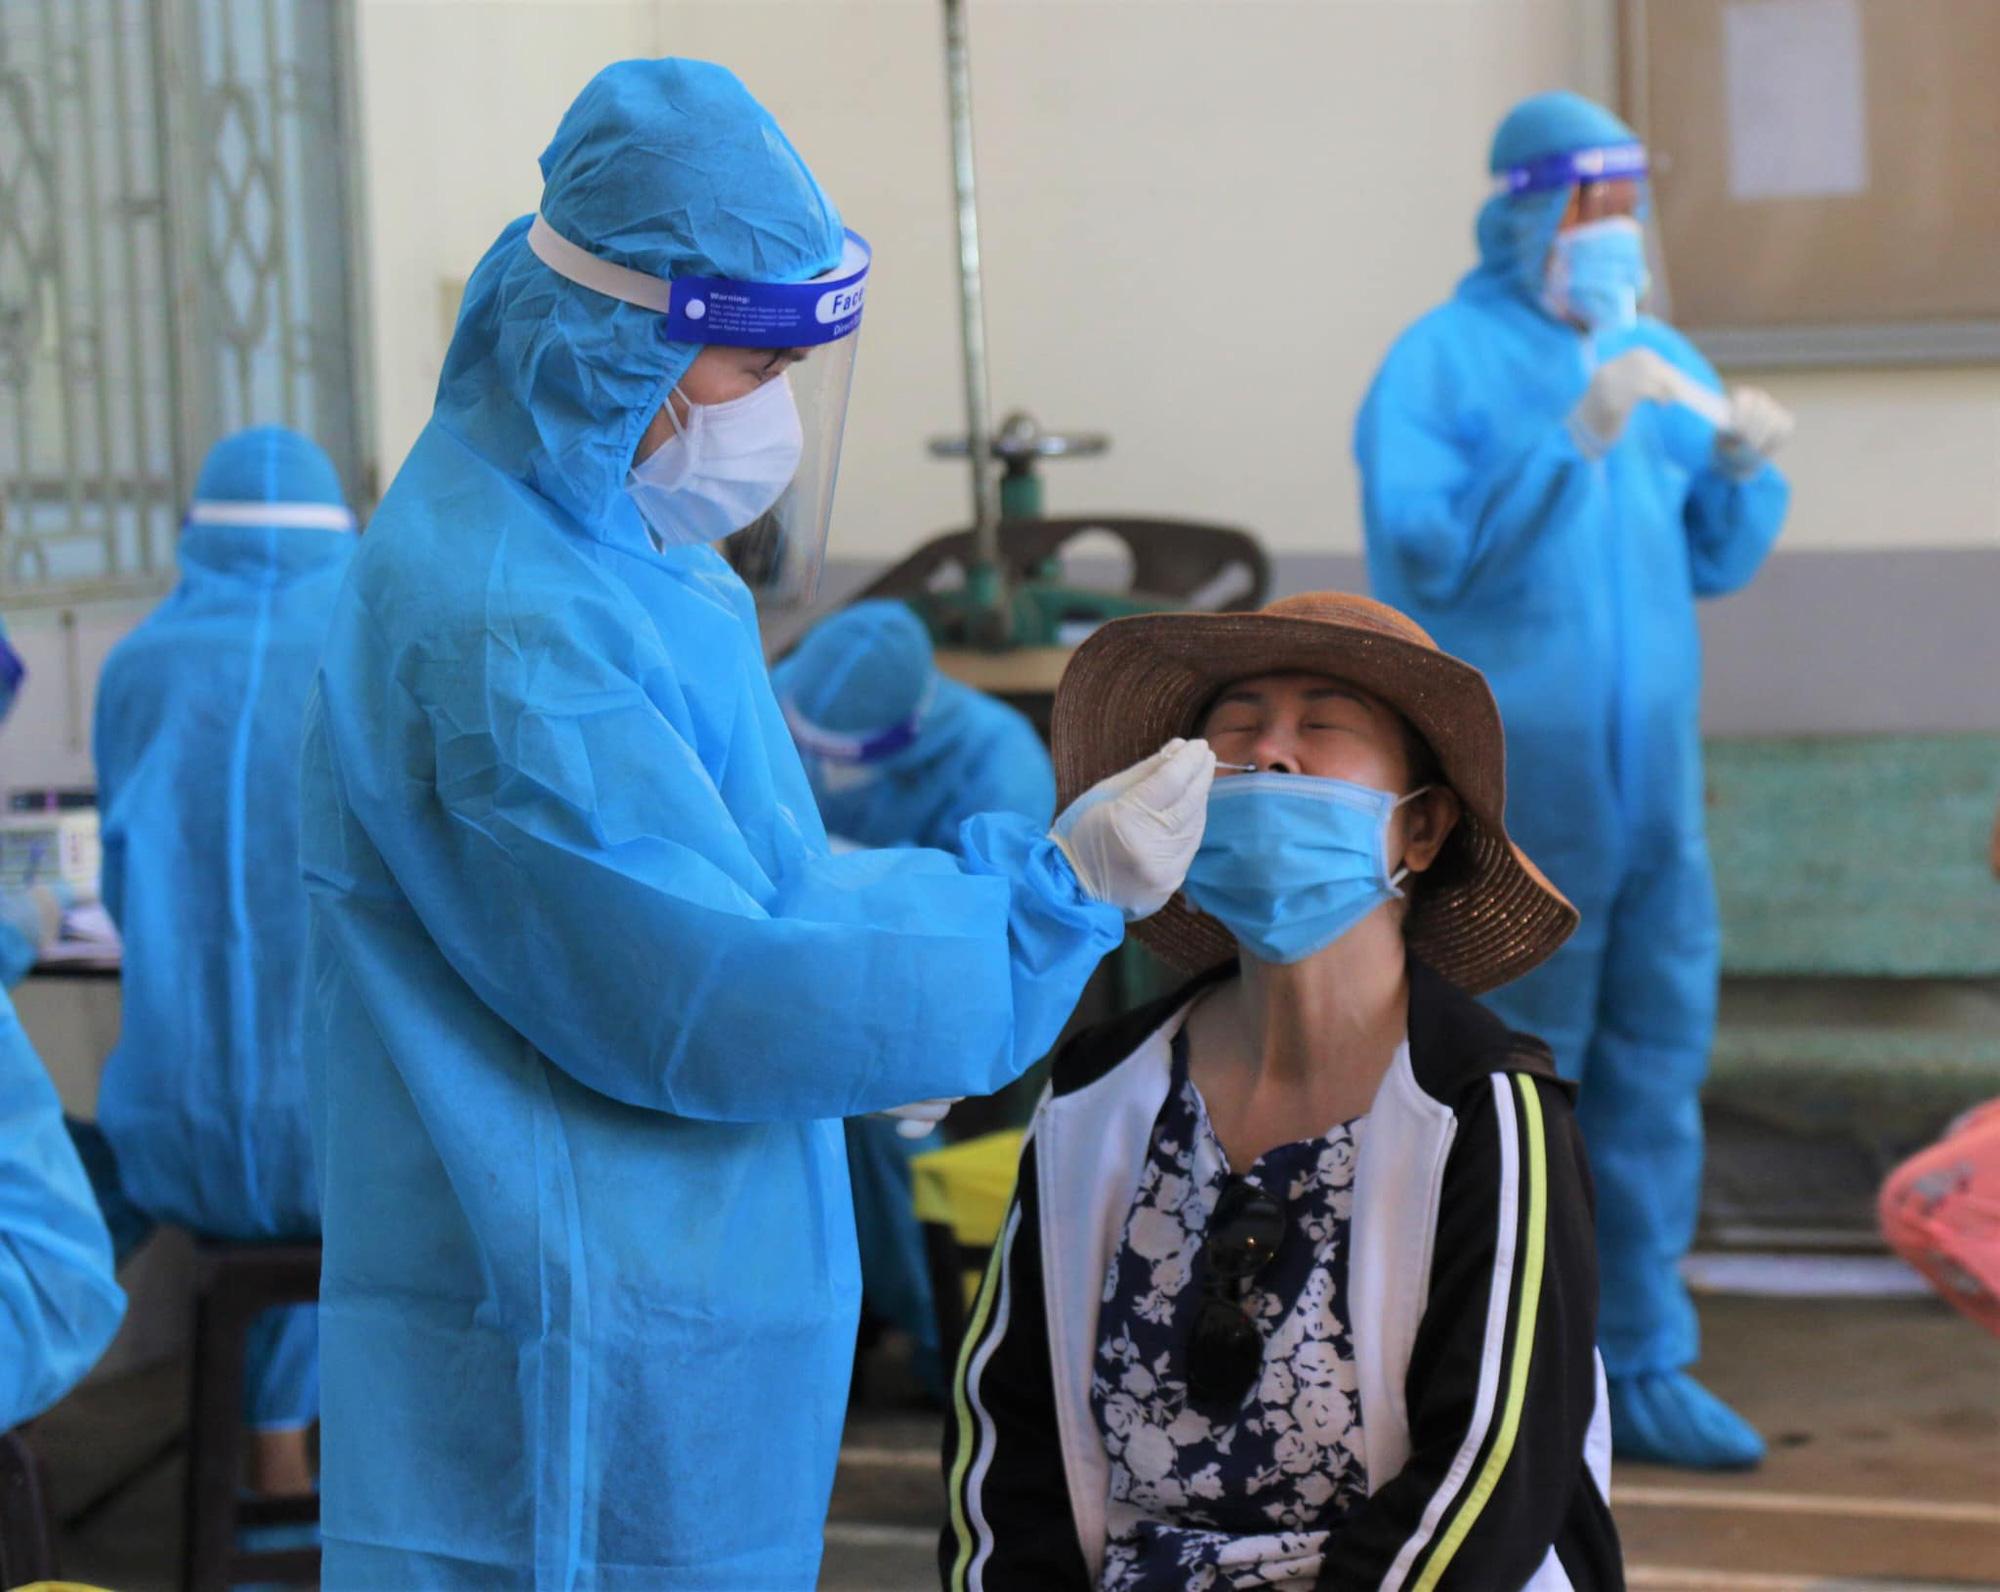 Bộ Y tế: Những vật dụng người tham gia hỗ trợ phòng chống dịch COVID-19 cần phải chuẩn bị - Ảnh 2.